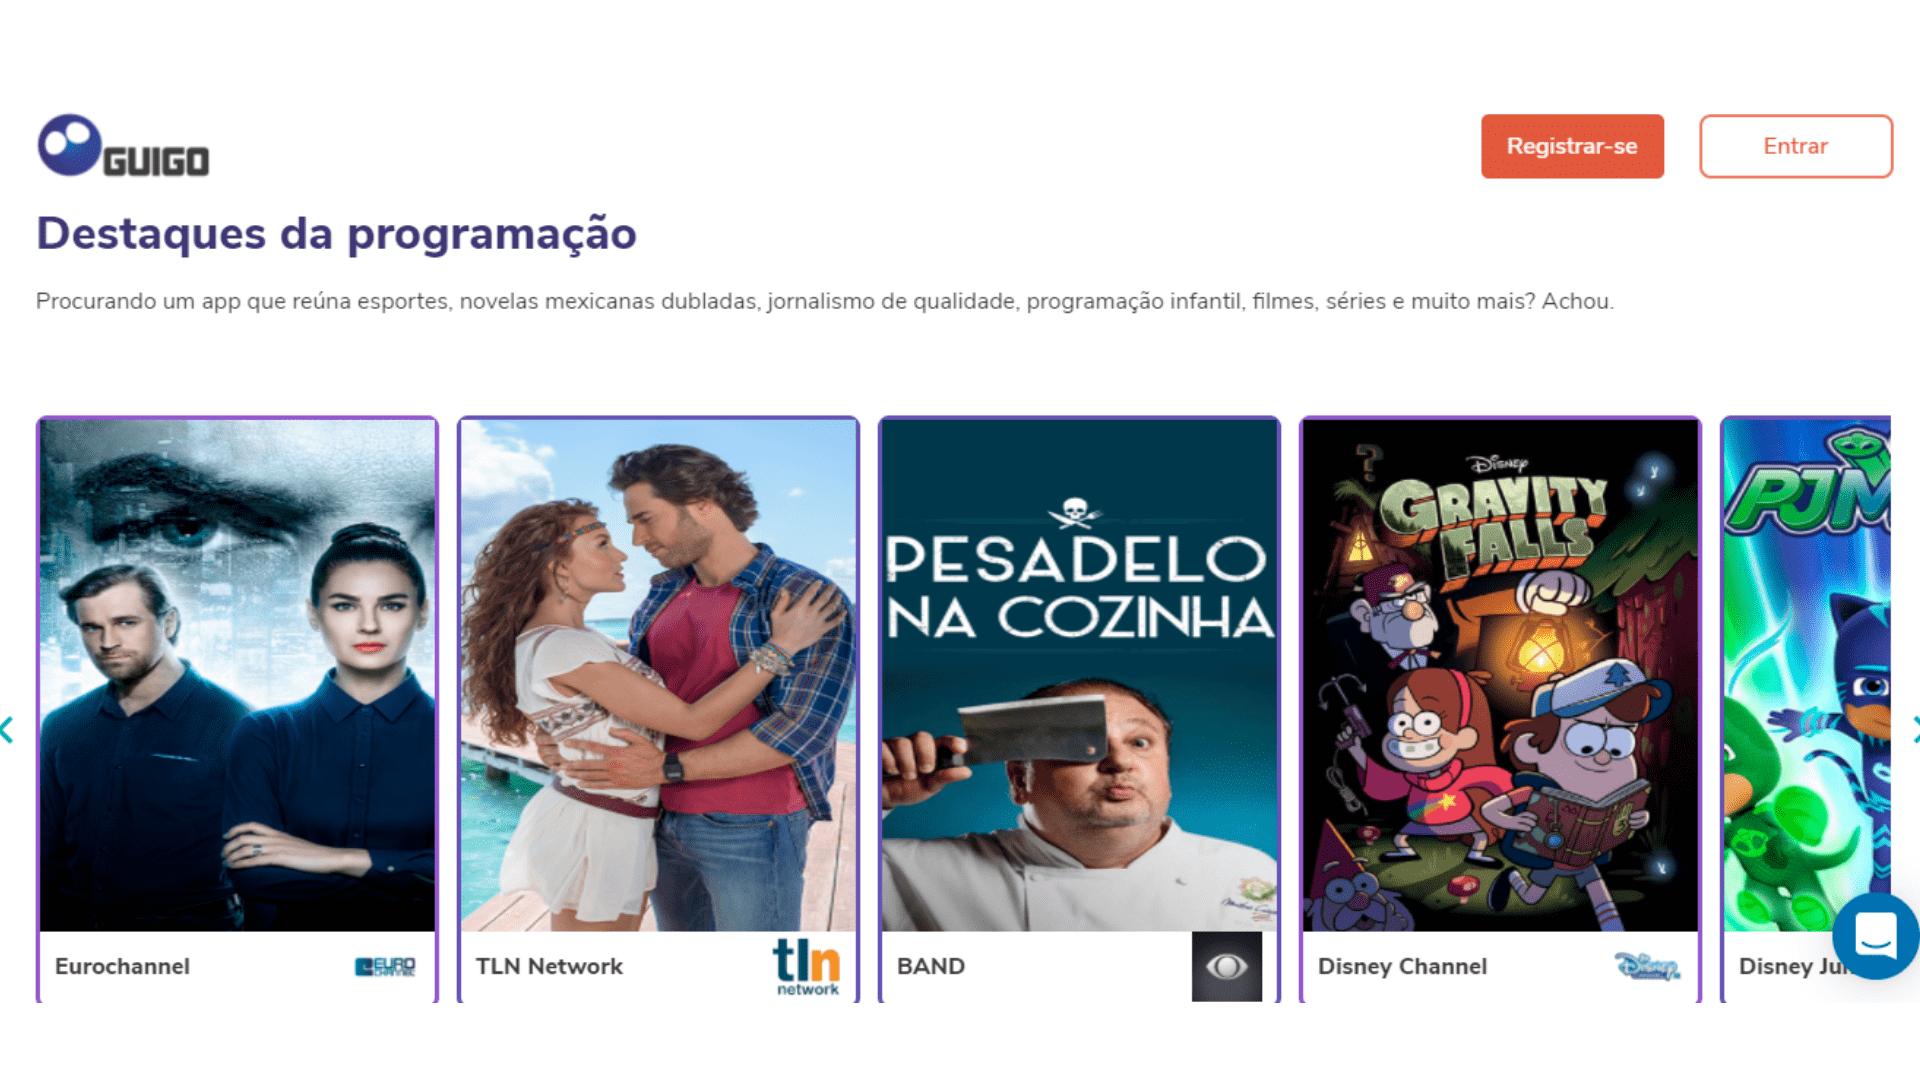 Guigo TV chega com diferentes planos, incluindo um só para esportes e outro, para novelas. (Imagem: Captura de tela/Guigo TV)